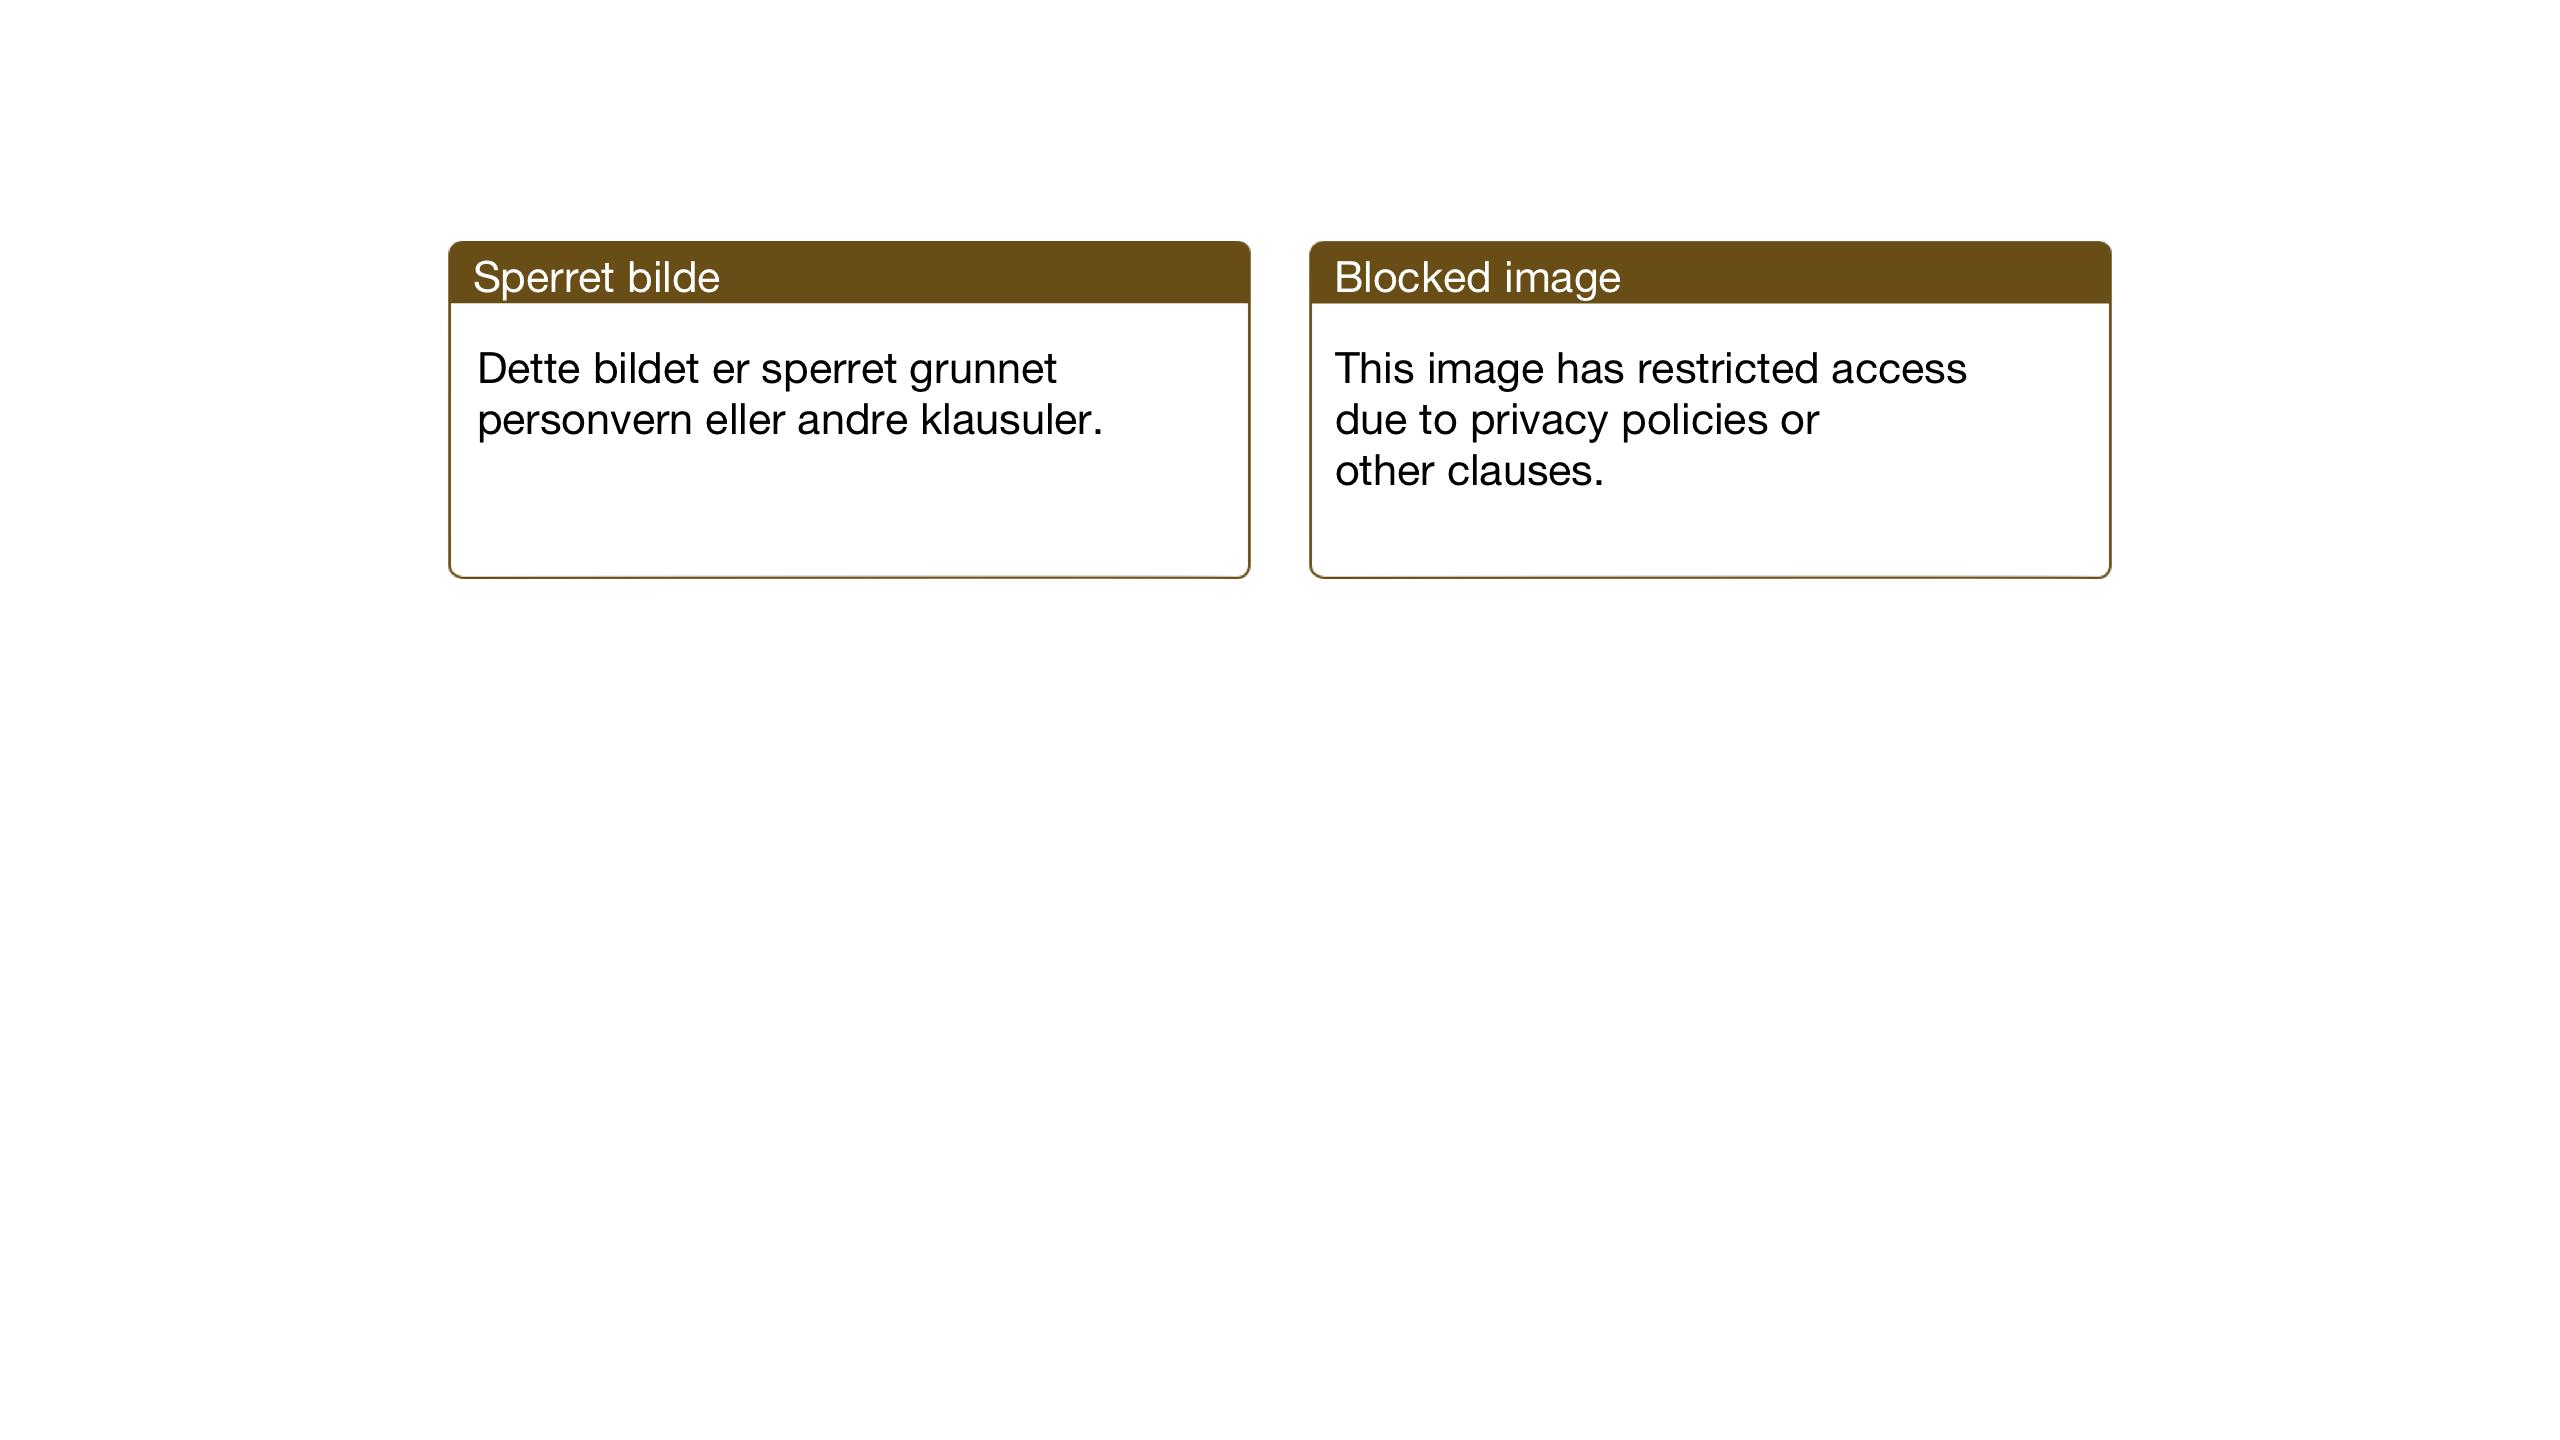 SAT, Ministerialprotokoller, klokkerbøker og fødselsregistre - Sør-Trøndelag, 640/L0590: Klokkerbok nr. 640C07, 1935-1948, s. 118